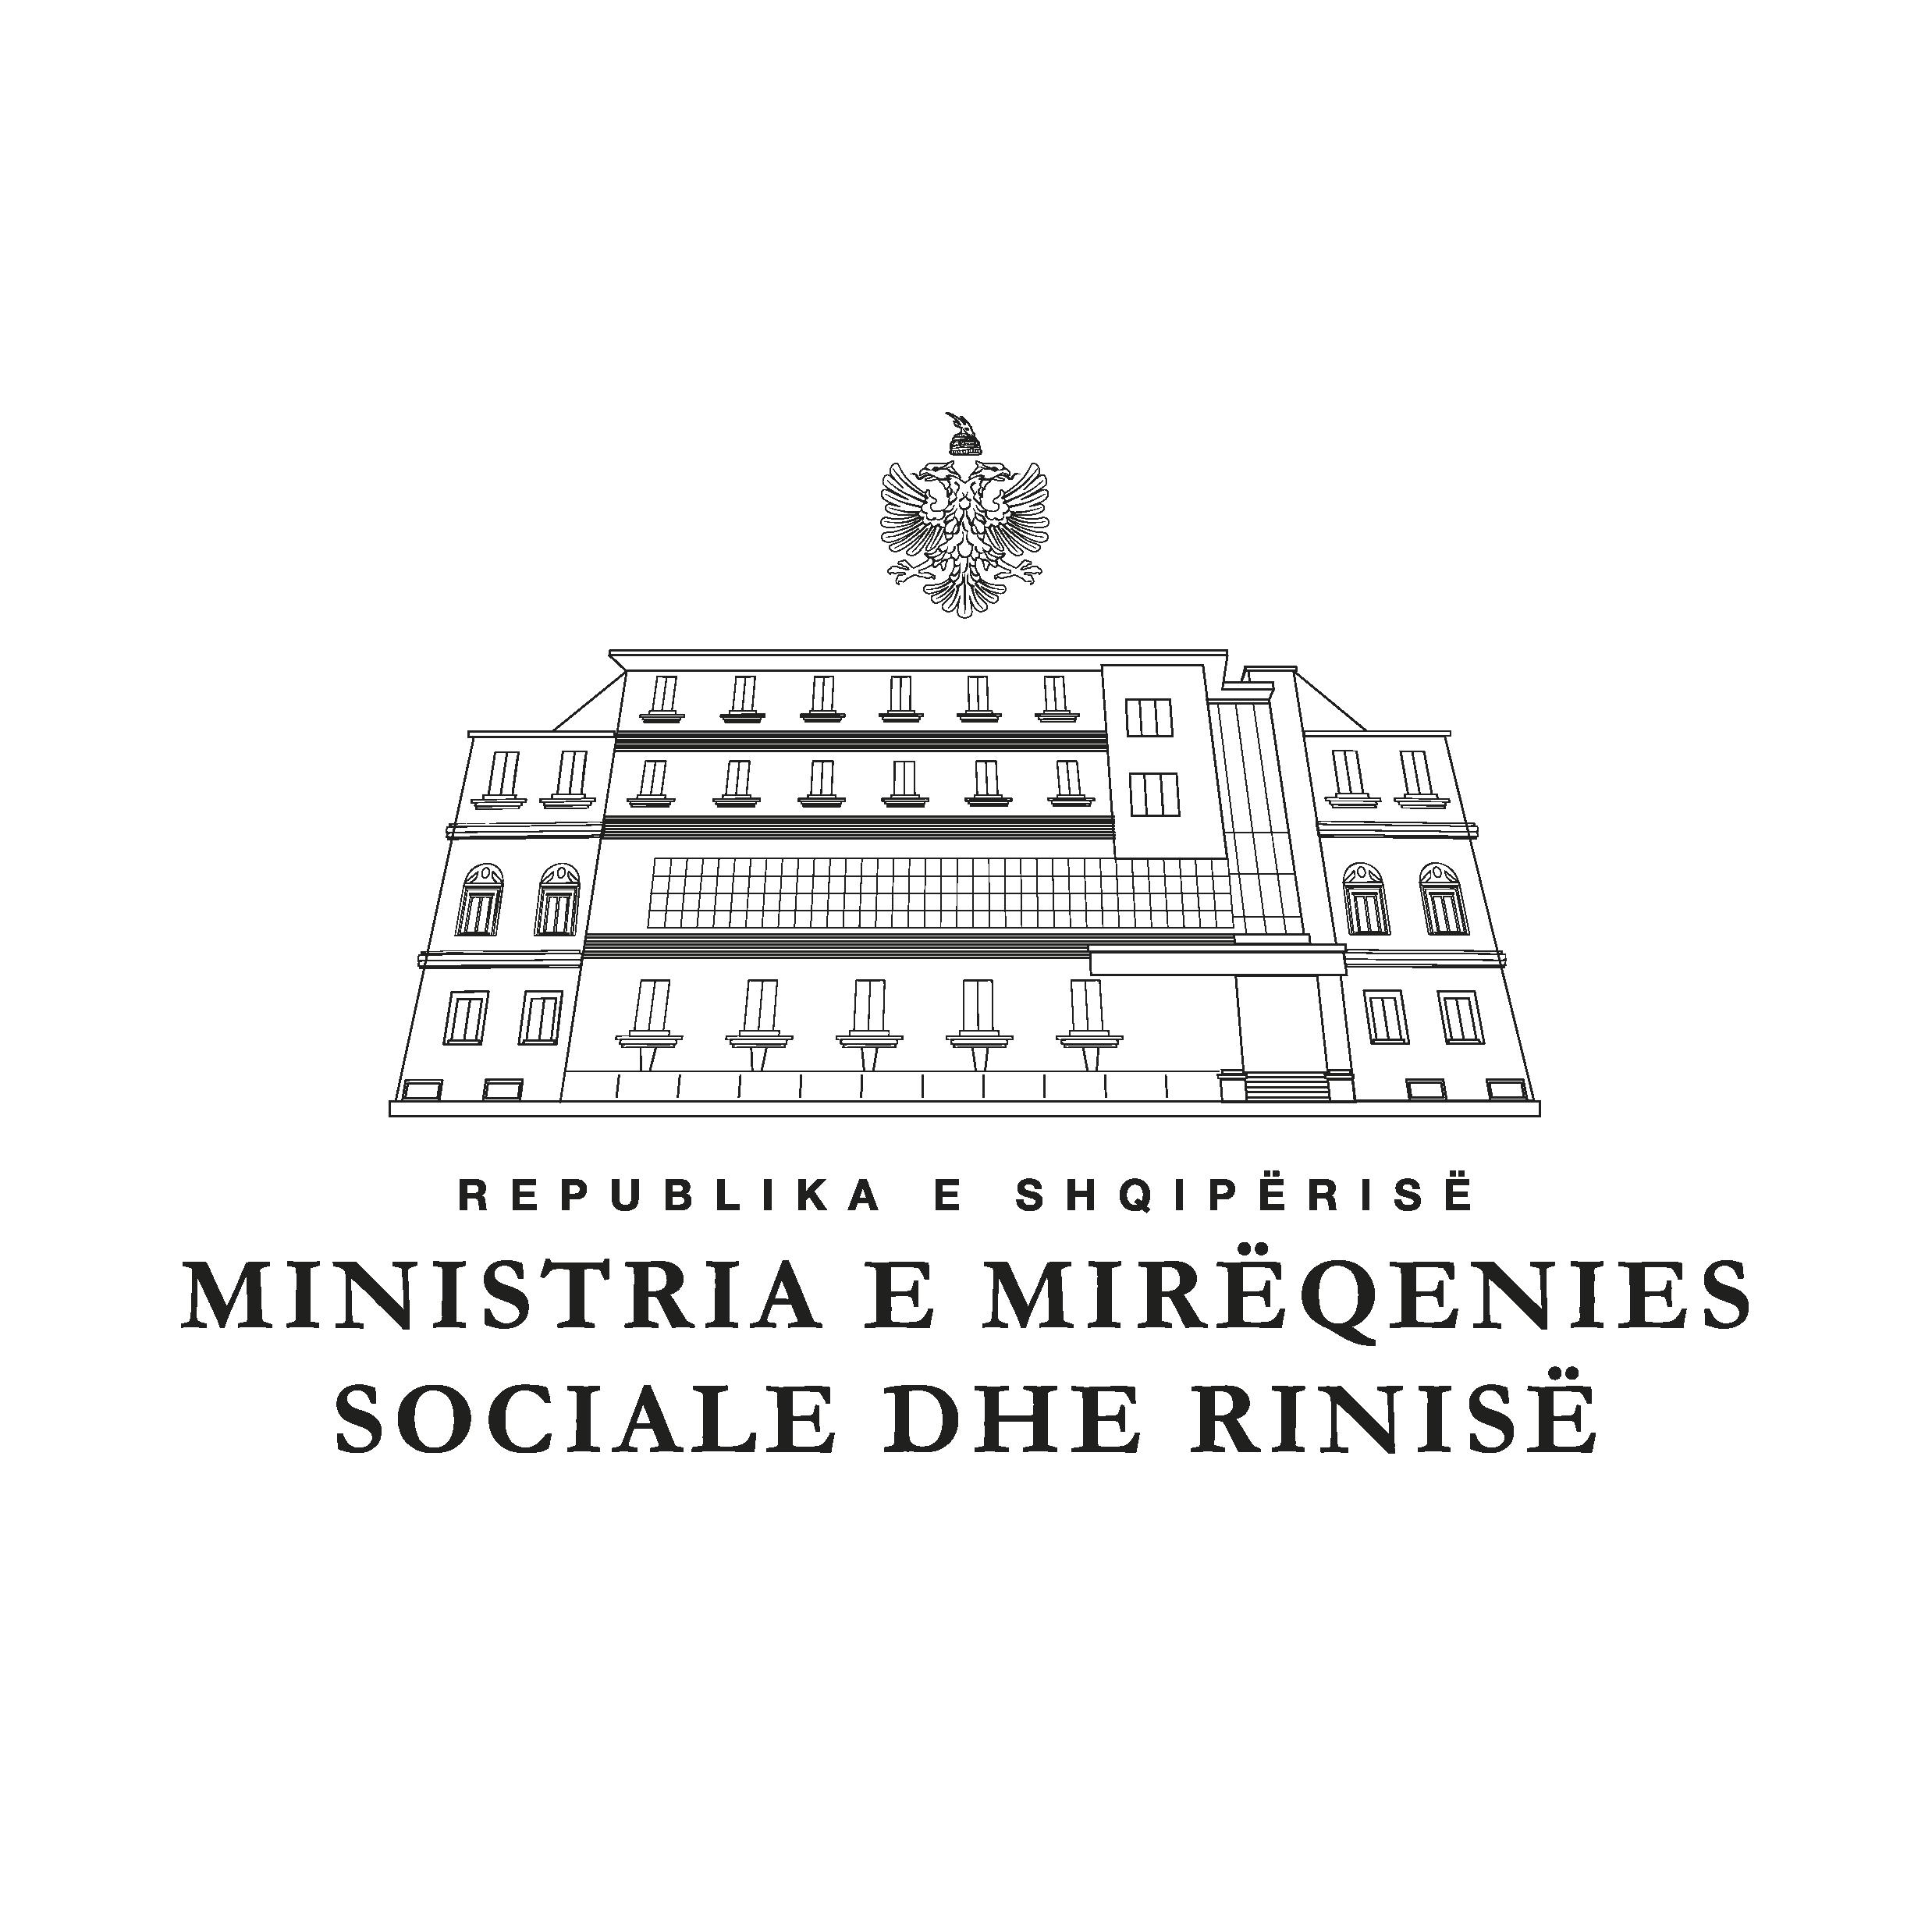 Ministria e Rinise dhe Mireqenies Sociale